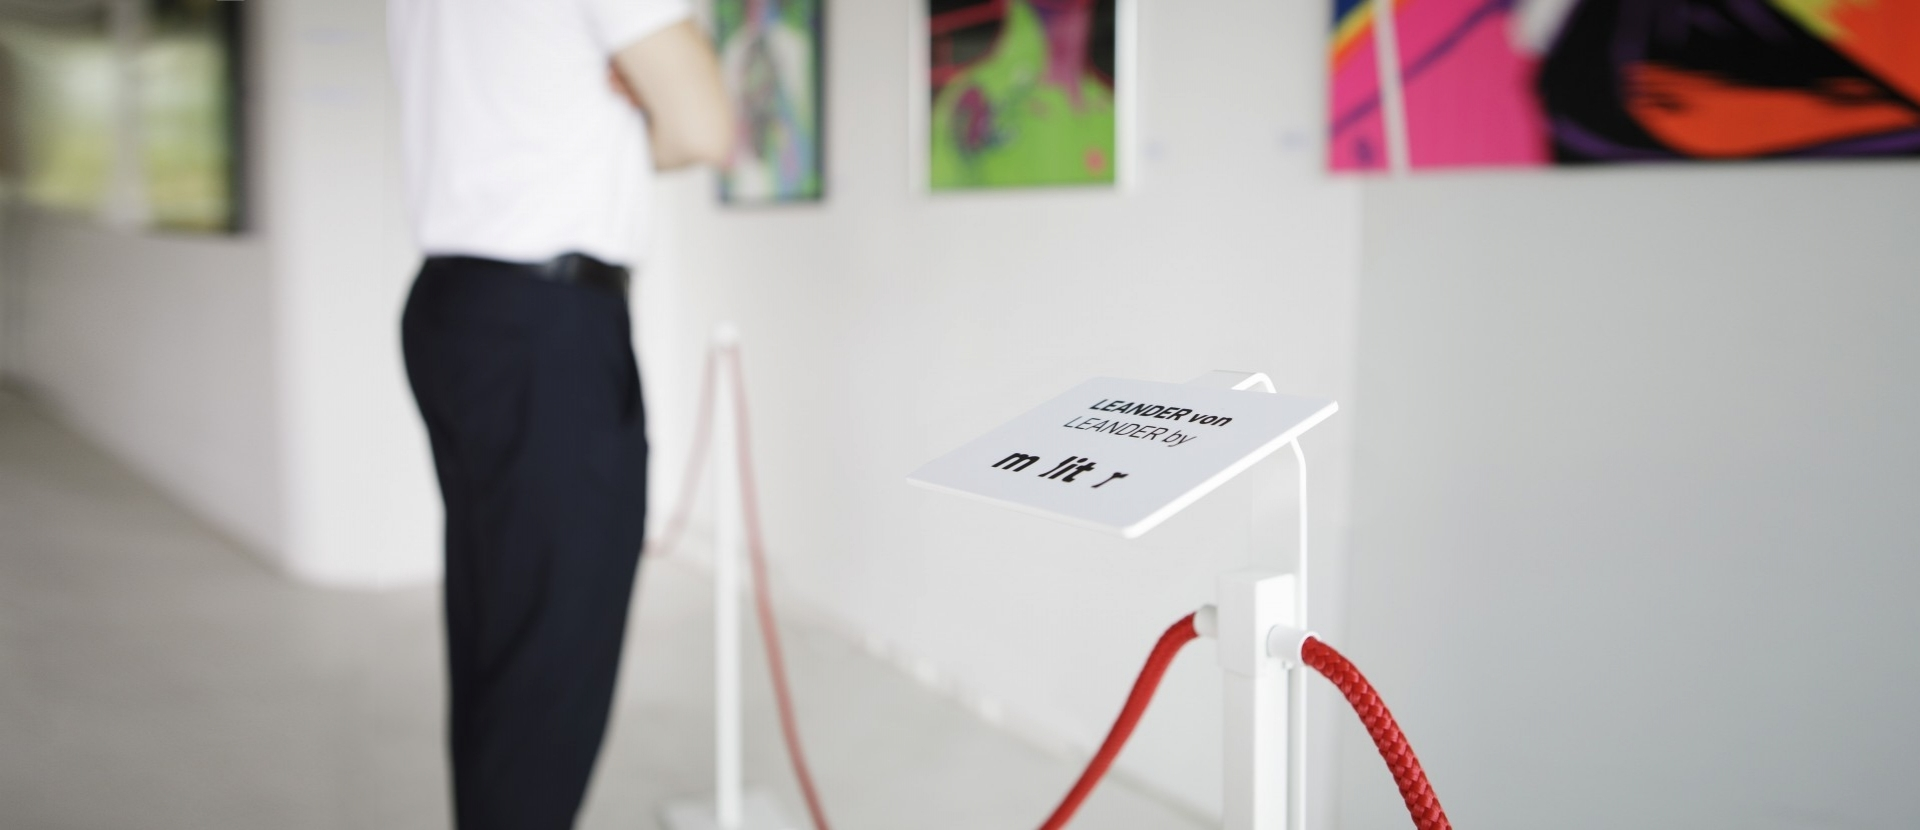 Tensatoren für Museum und Galerien